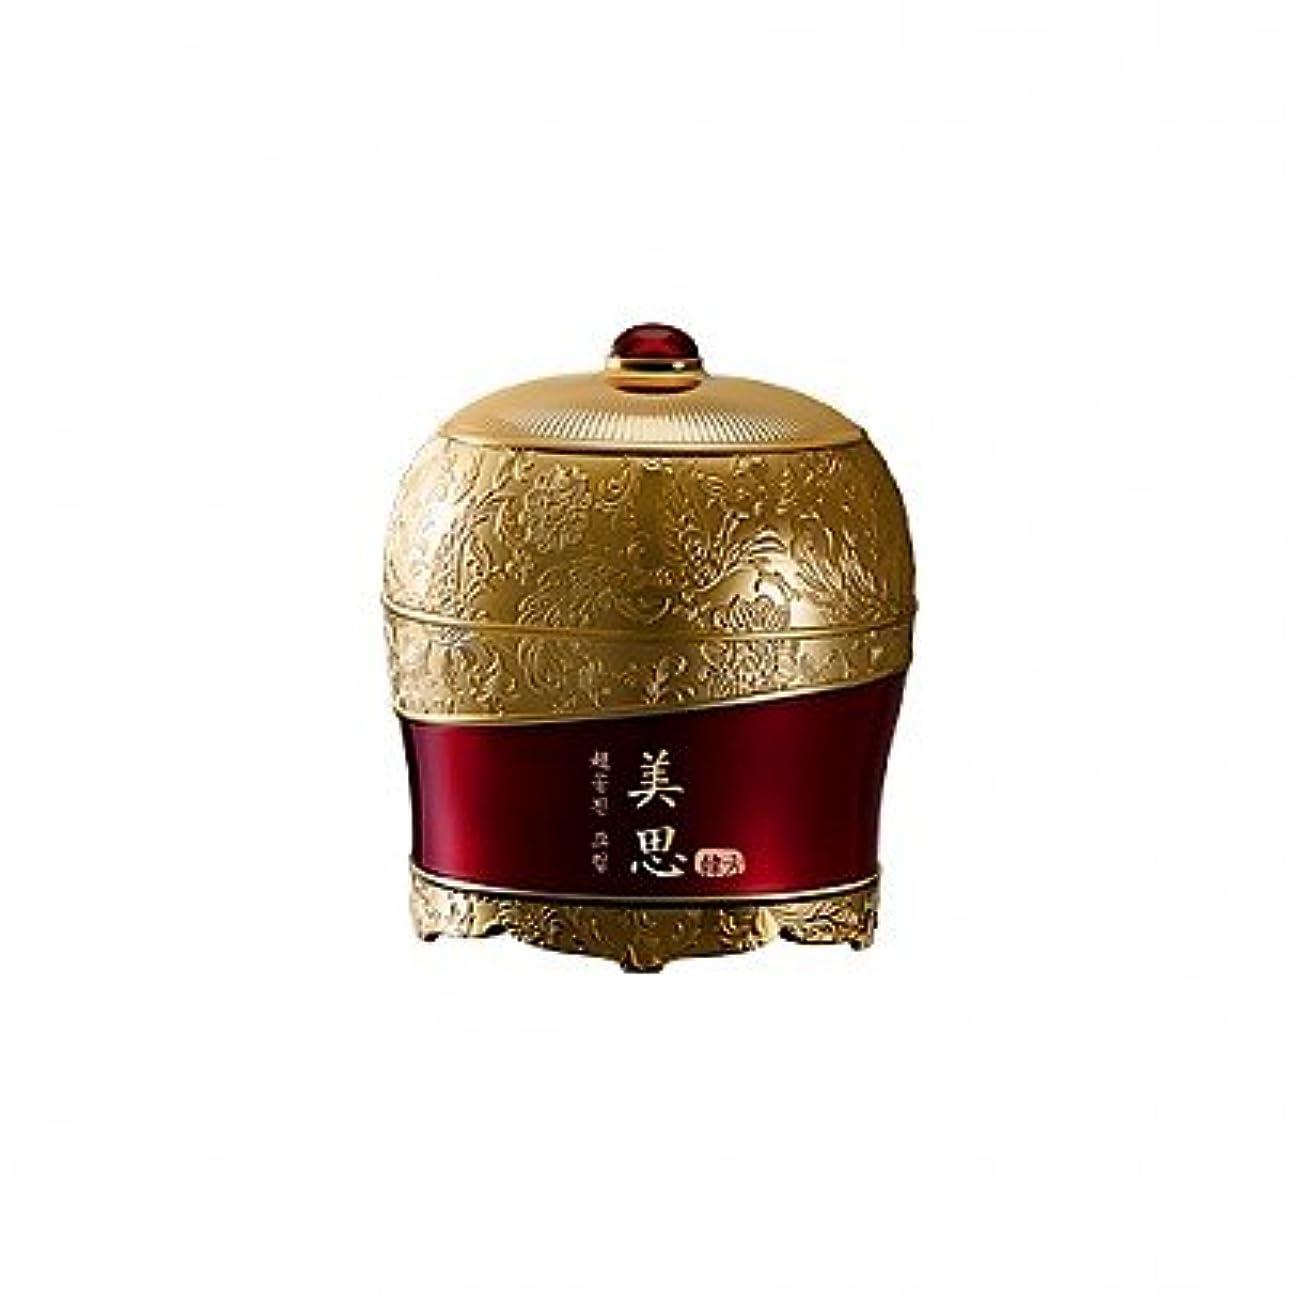 説明的かわす海MISSHA/ミシャ チョゴンジン クリーム (旧チョボヤン) 60ml[海外直送品]